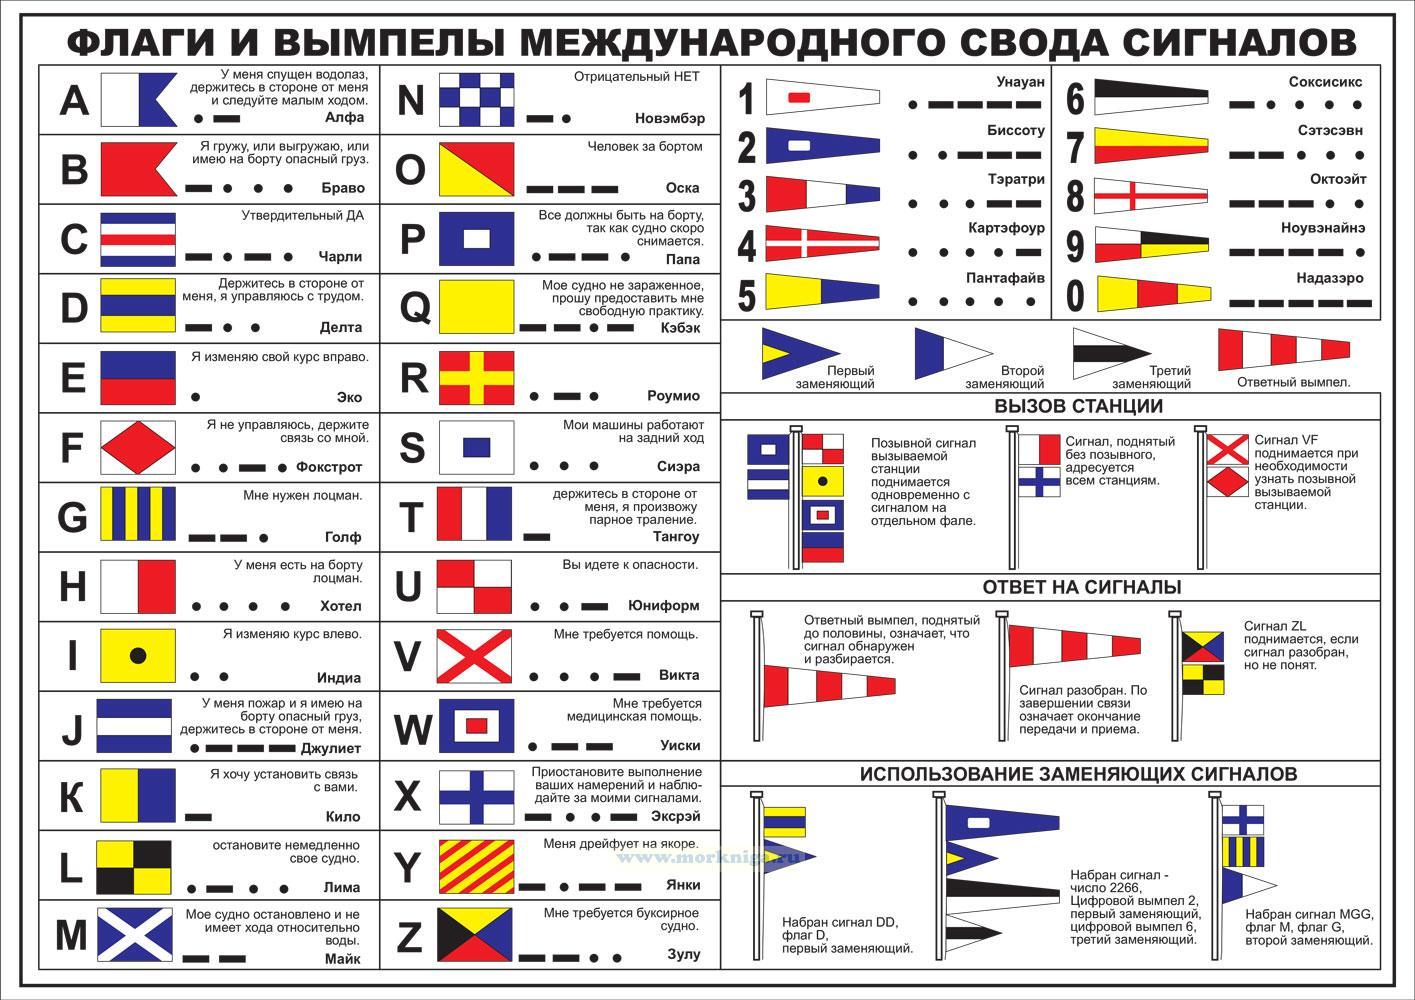 Флаги и вымпелы Международного Свода Сигналов. Плакат